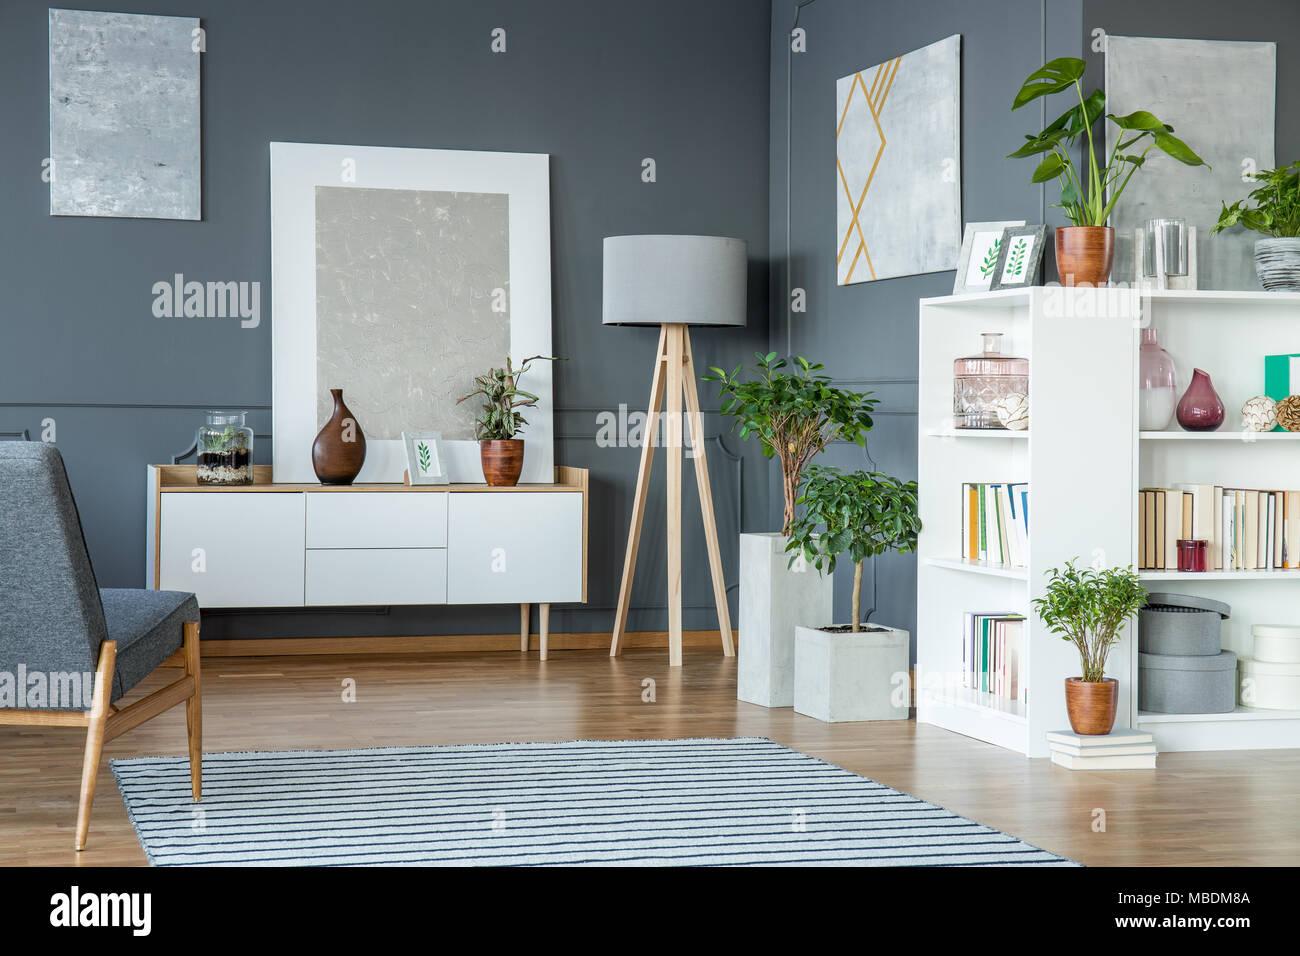 Pflanzen neben der Lampe in grau Wohnzimmer Interieur mit Gemälde ...